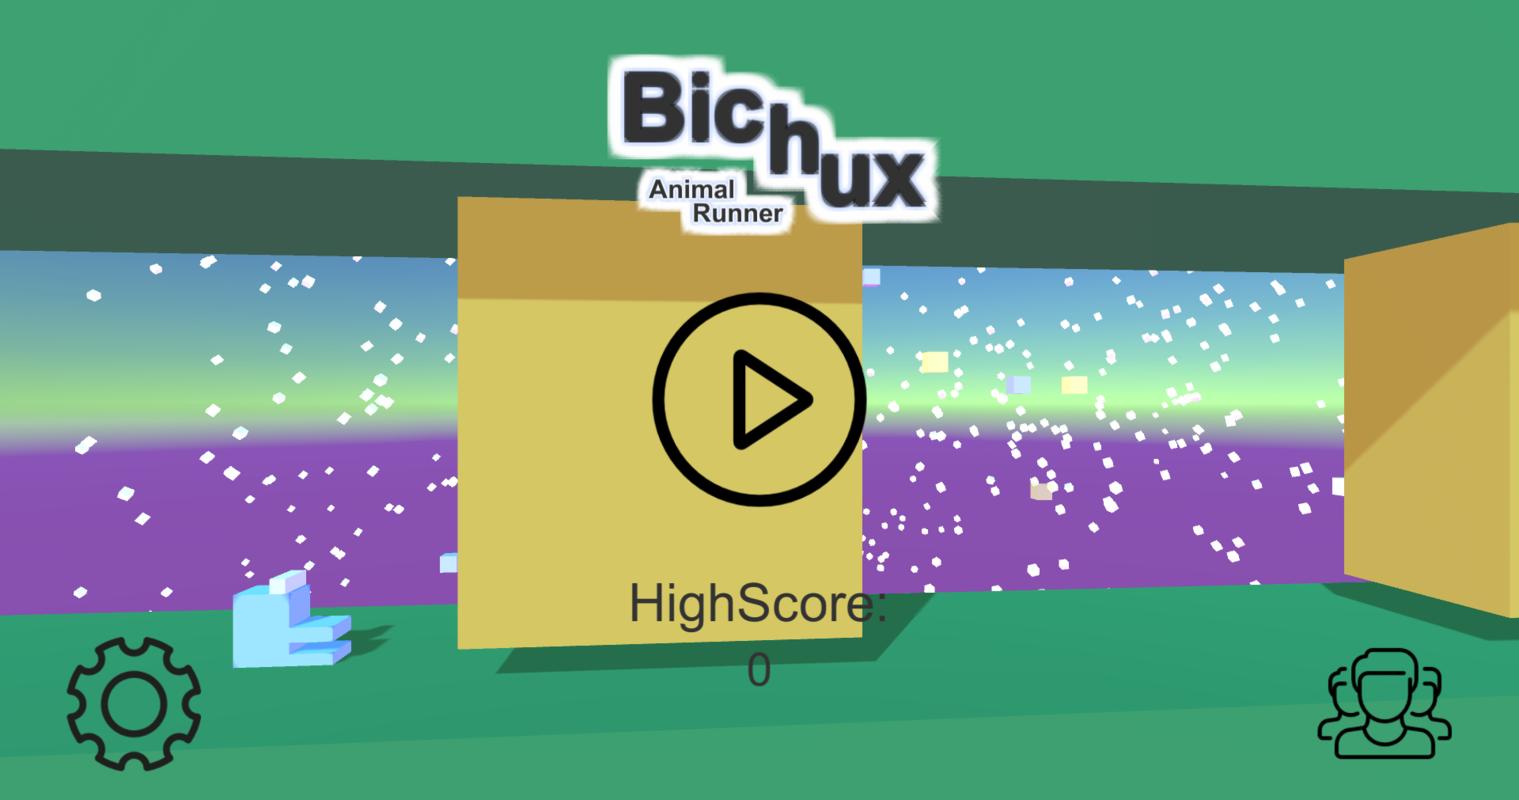 Play Bichux